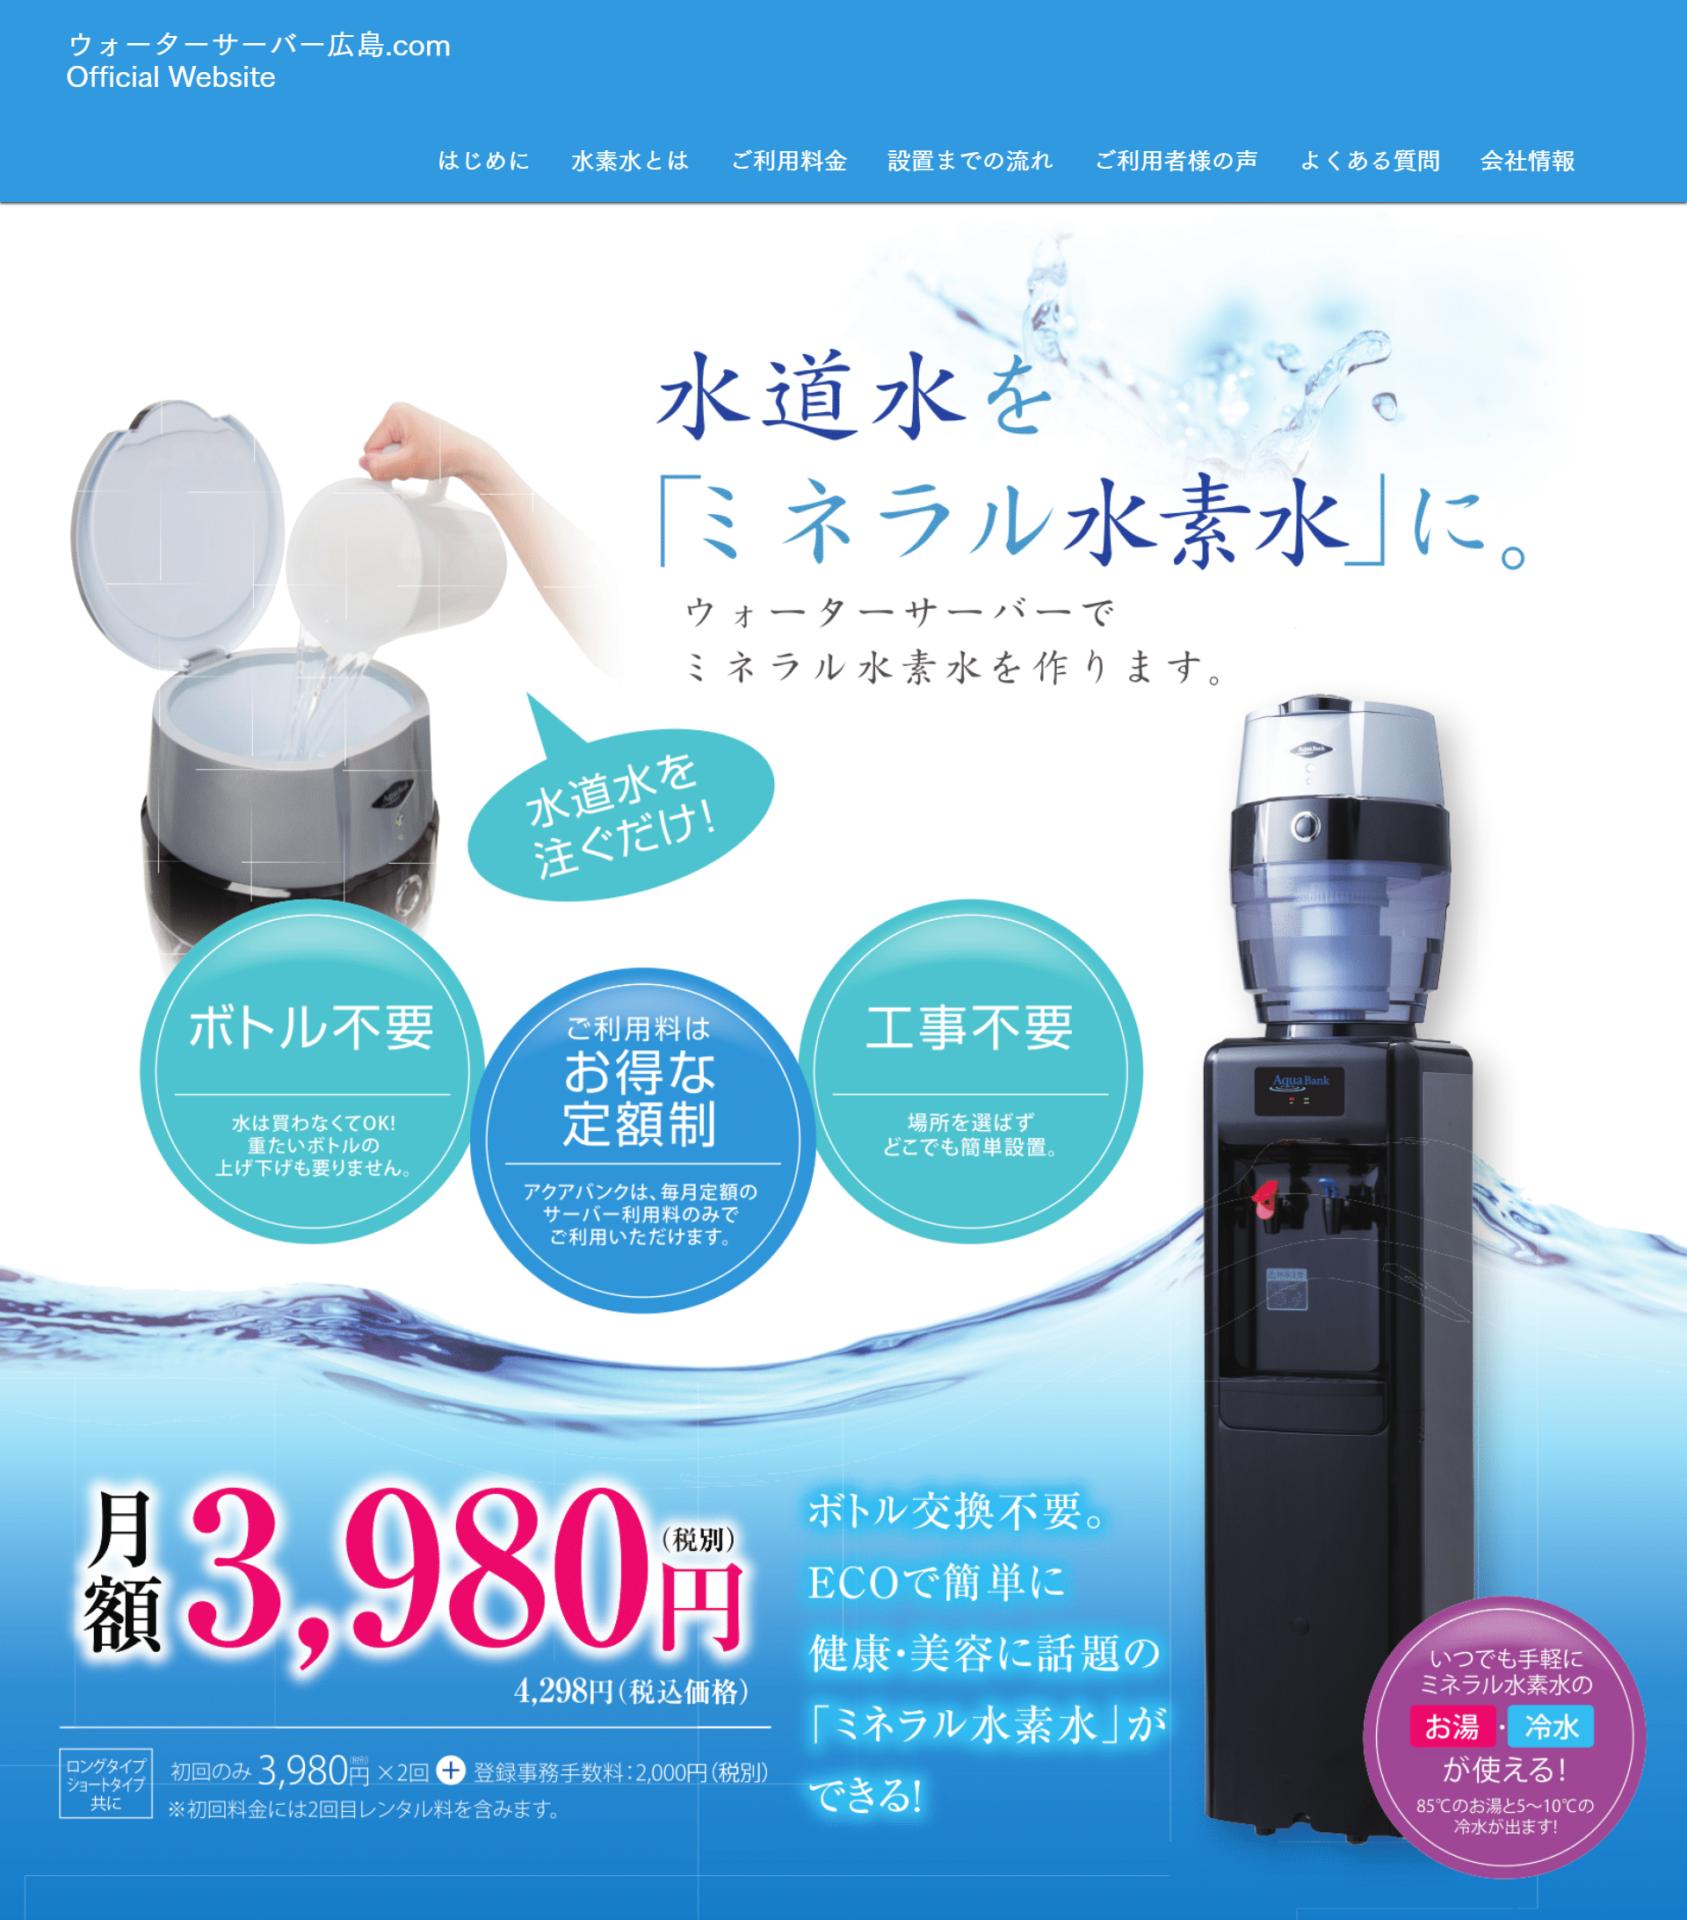 広島の格安ウォーターサーバレンタル【ミネラル水素水】